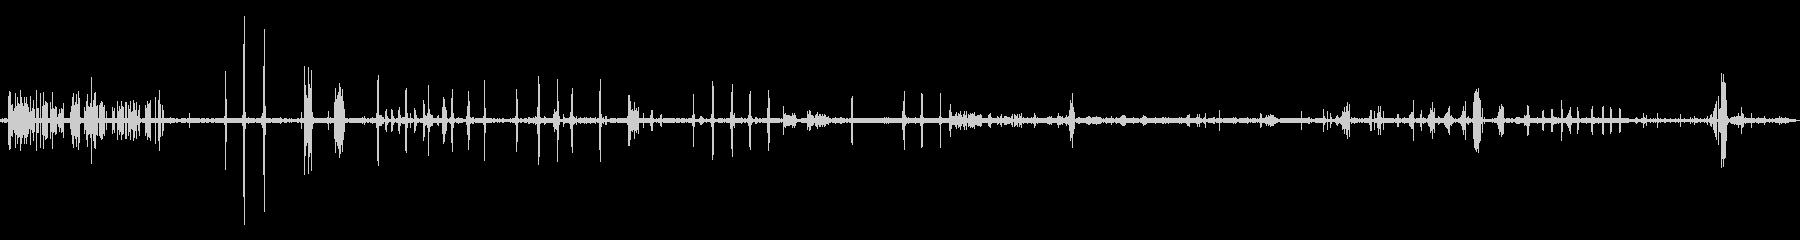 春の山のウグイスの鳴き声など【夕方】の未再生の波形